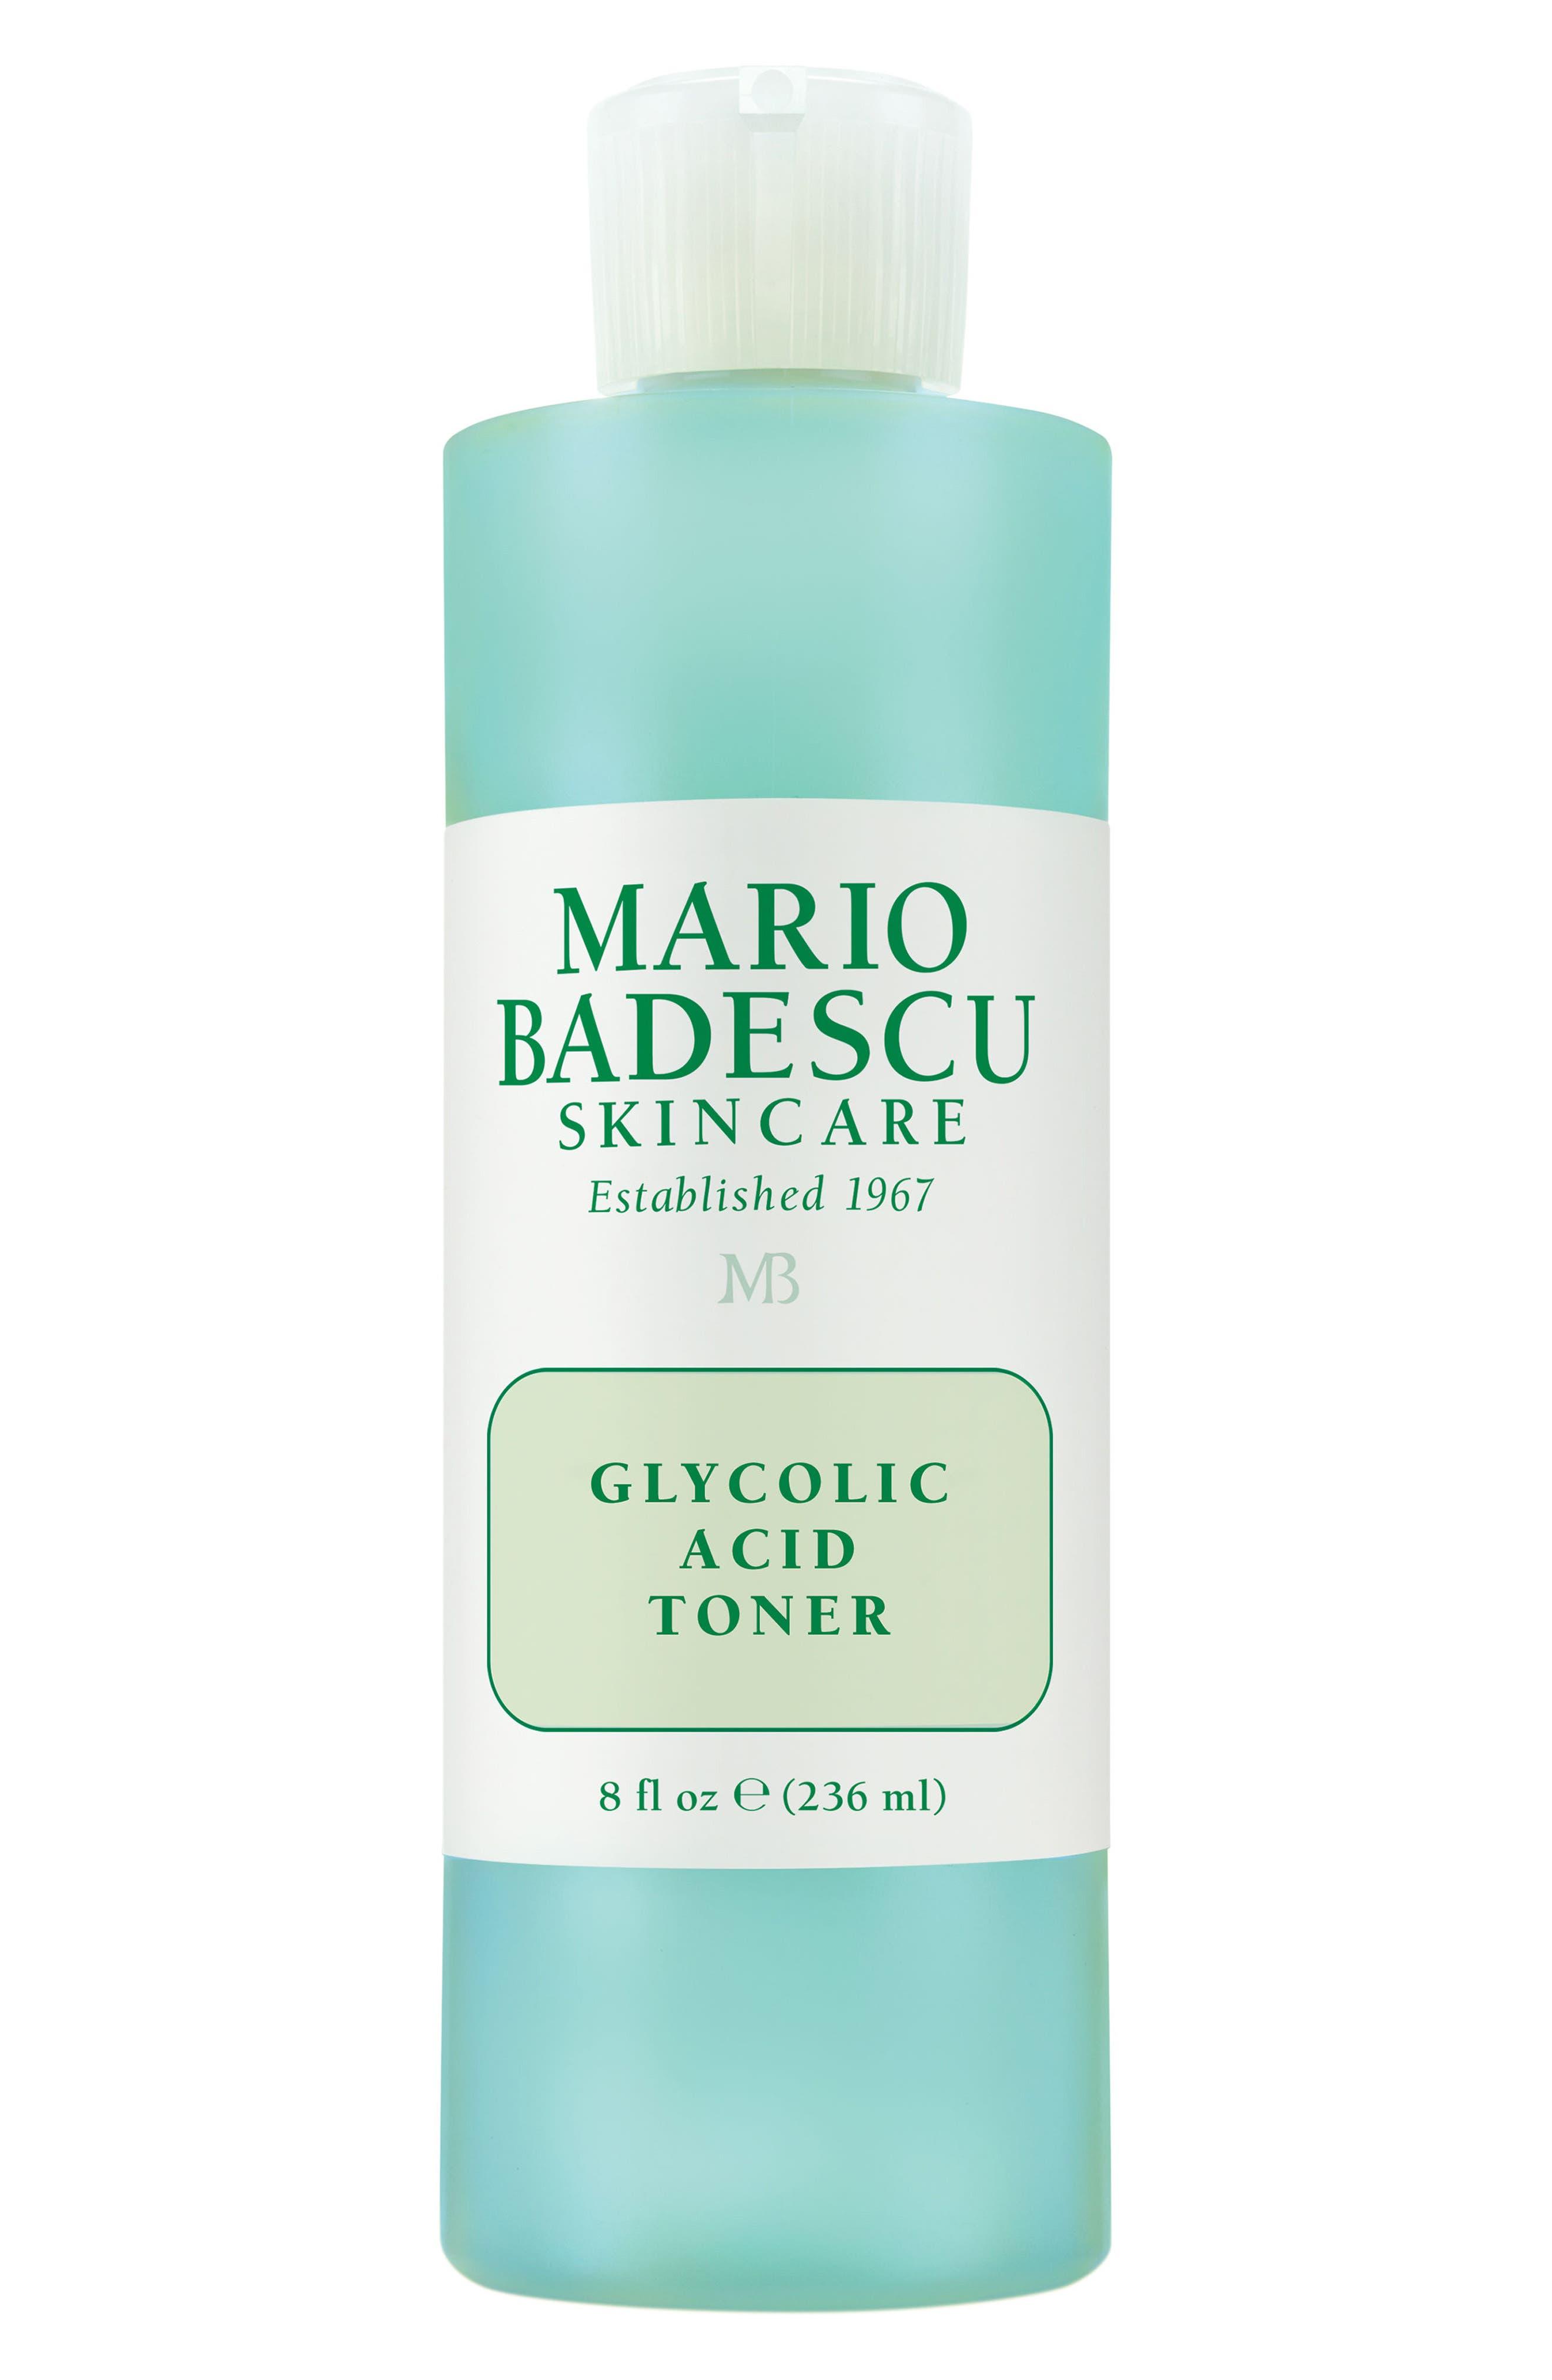 Glycolic Acid Toner